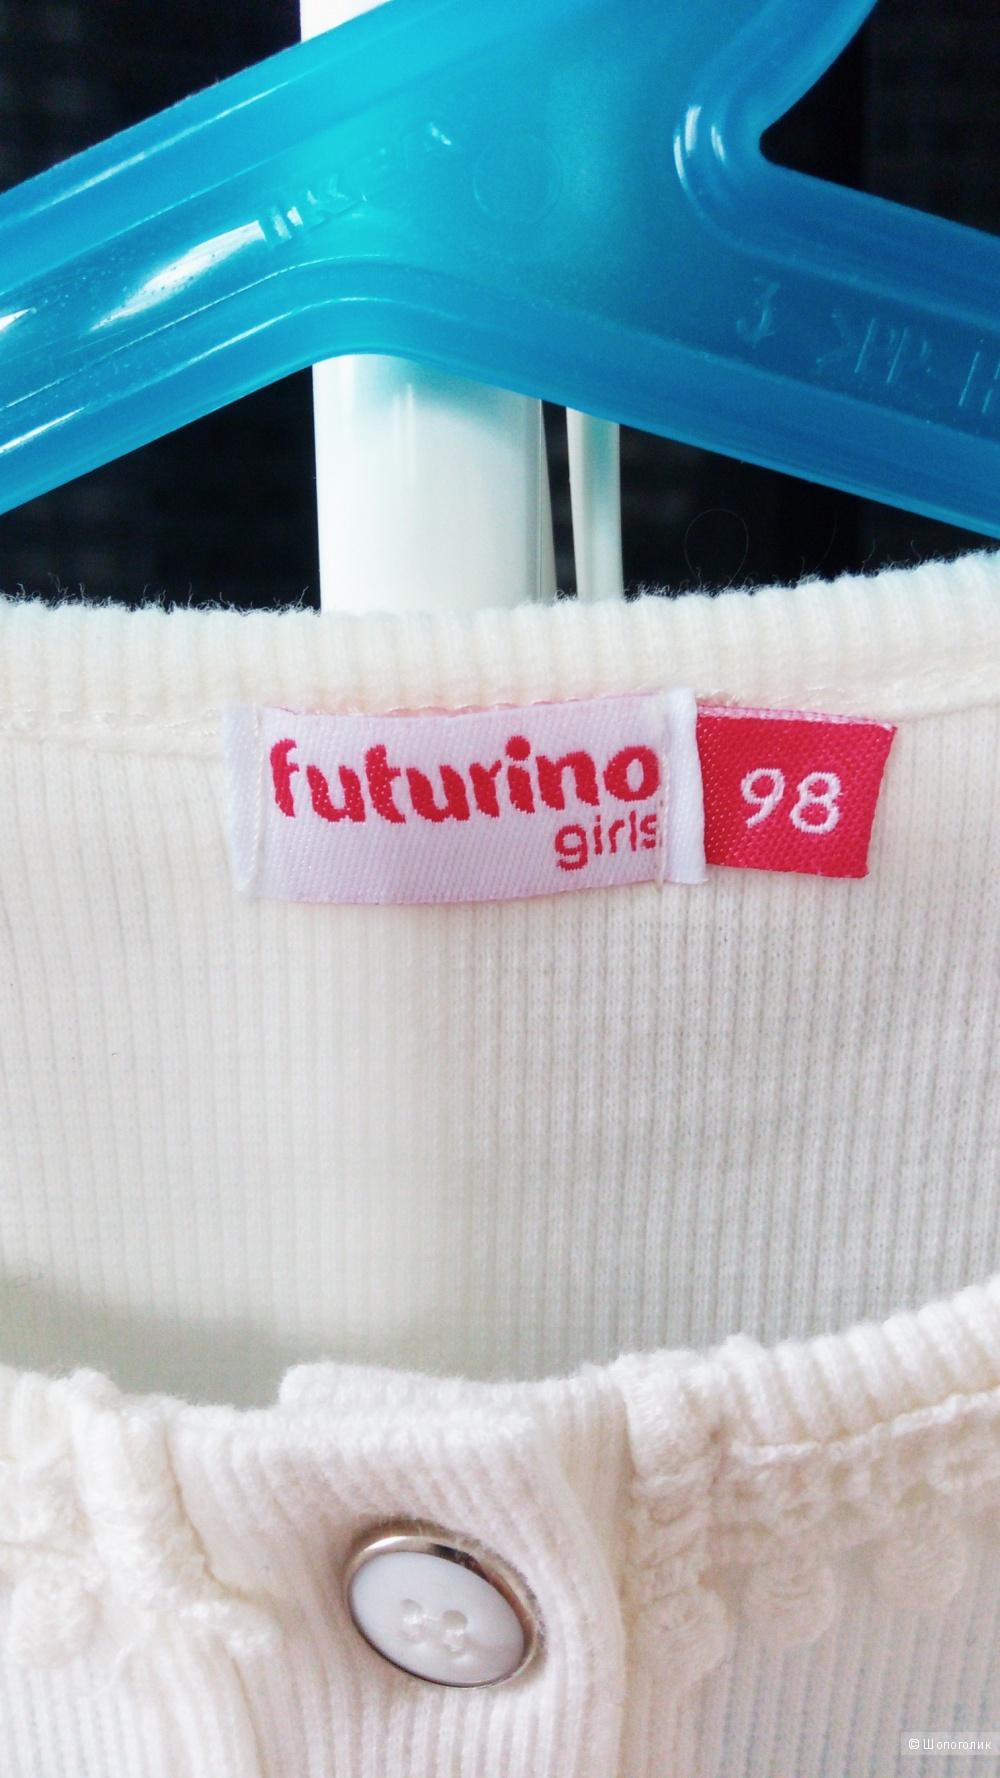 Кофта Futurina gerls, 98р.